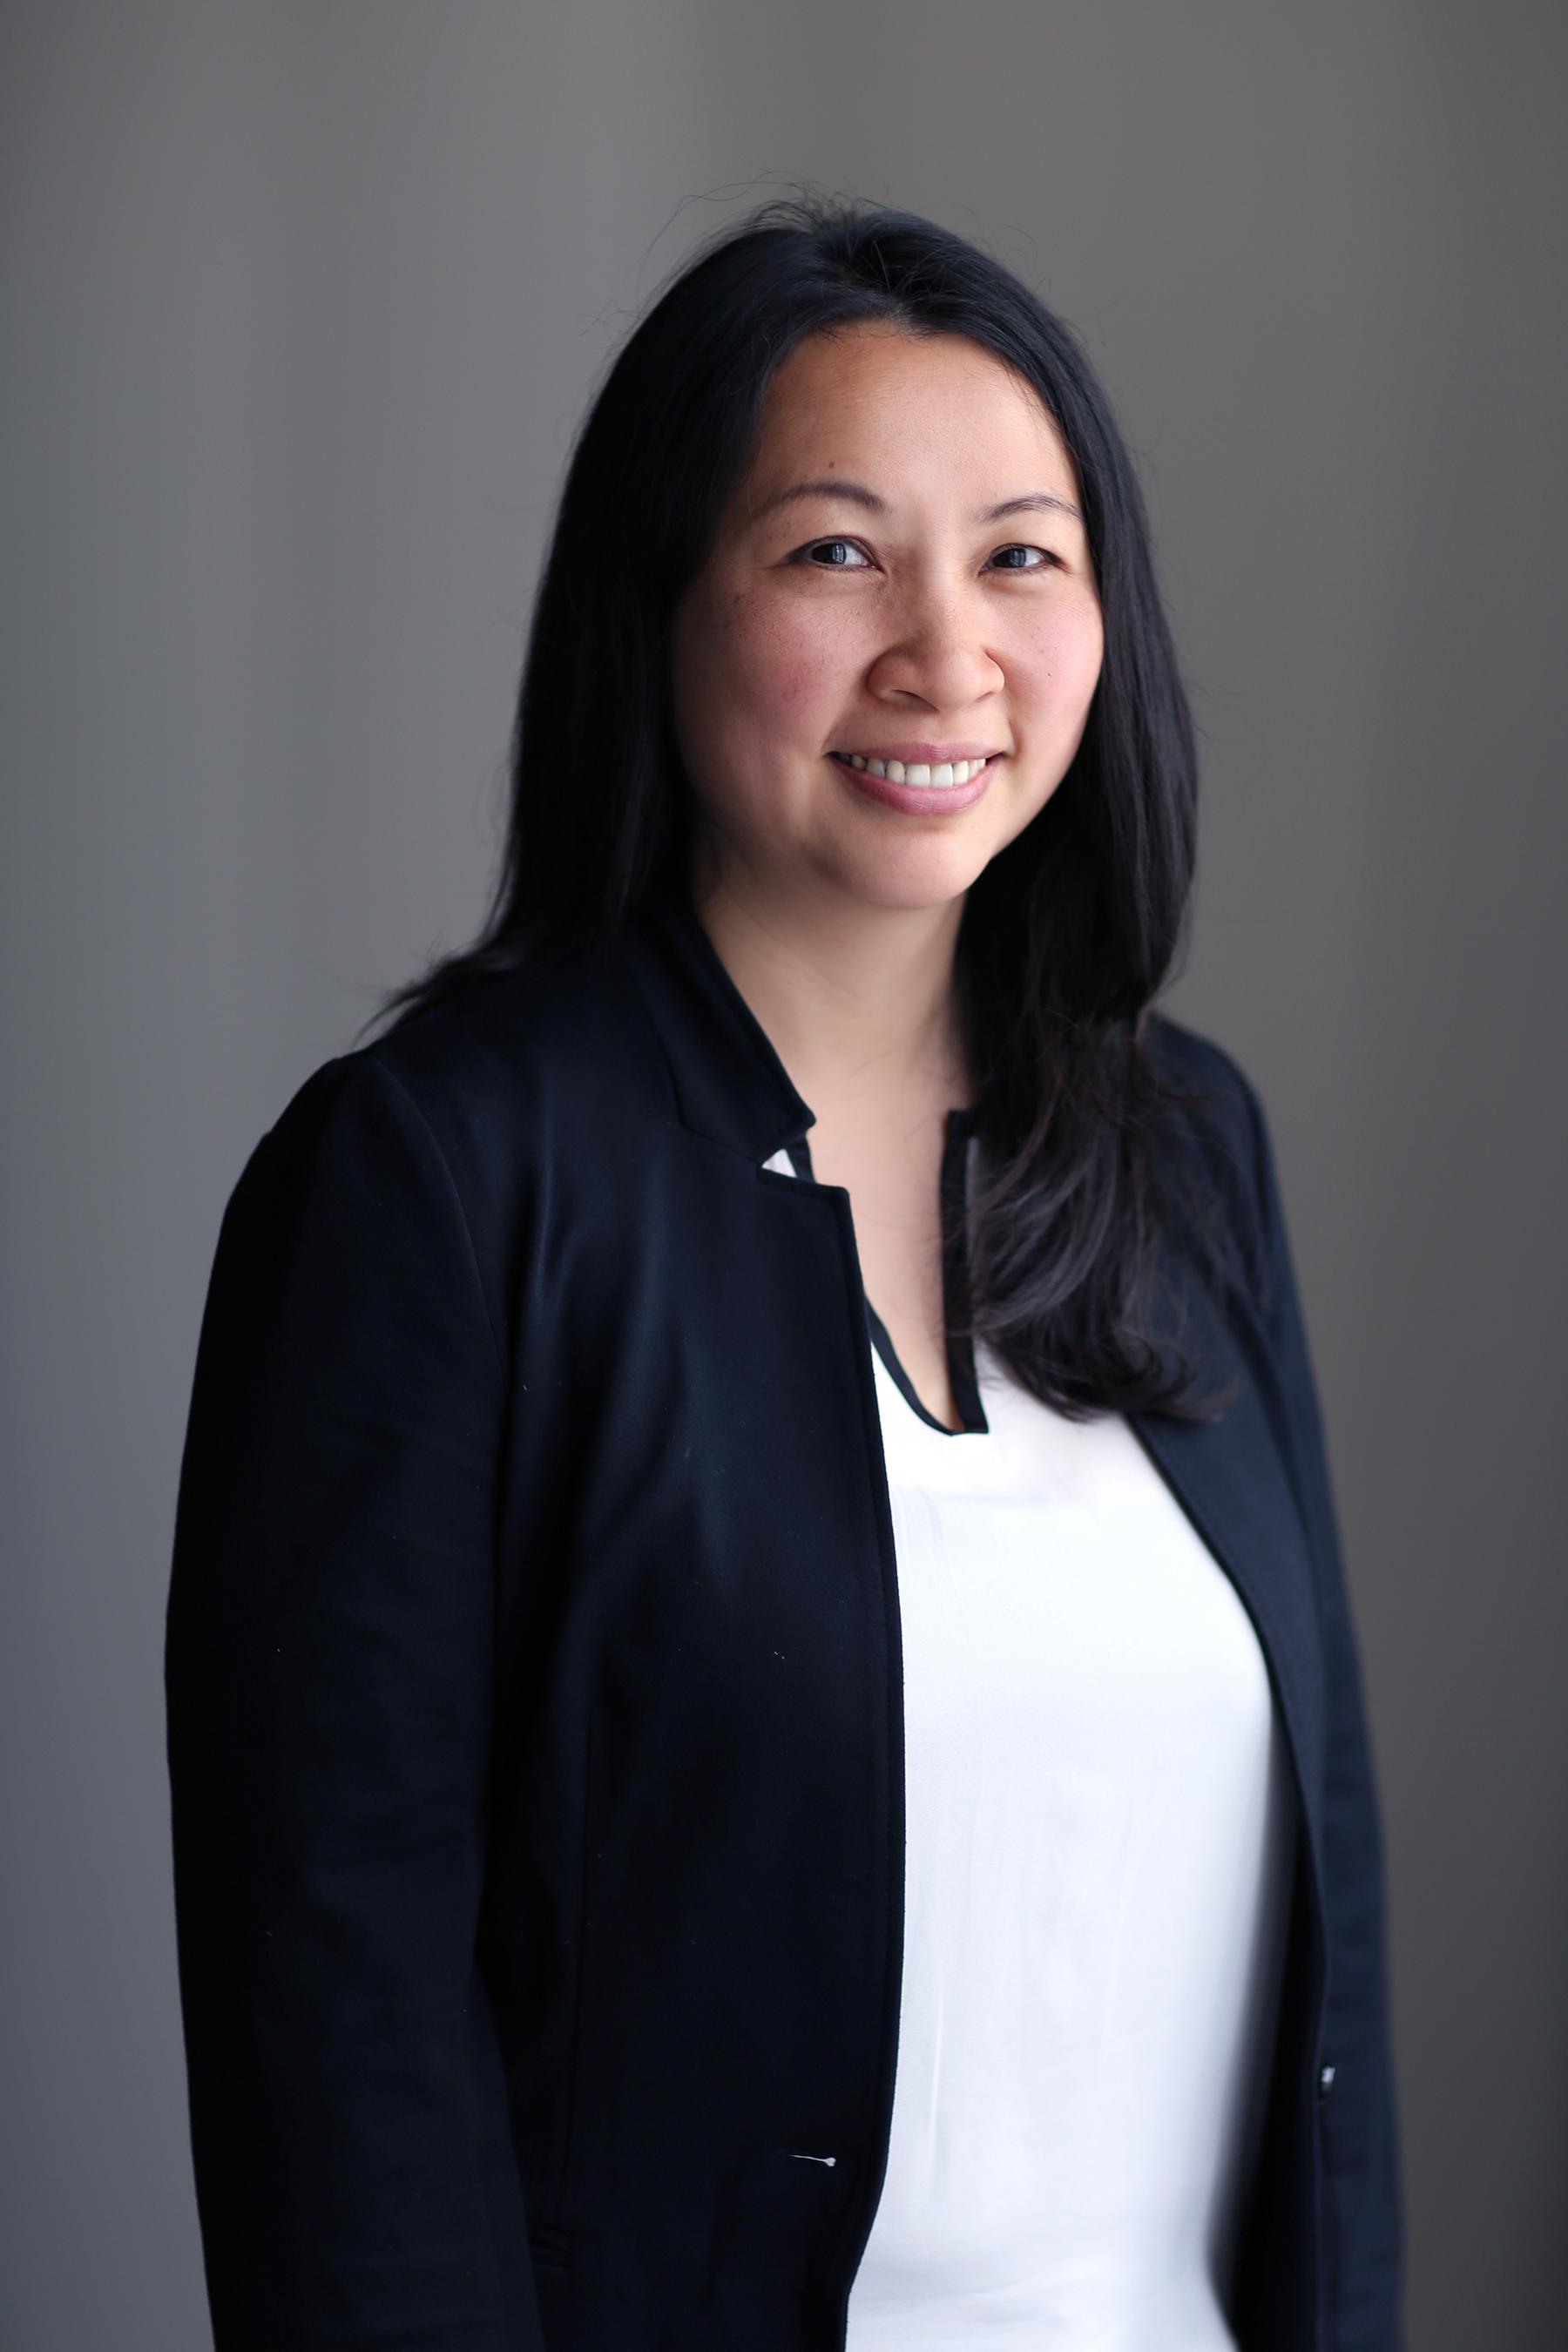 Leigh Chang, Principal